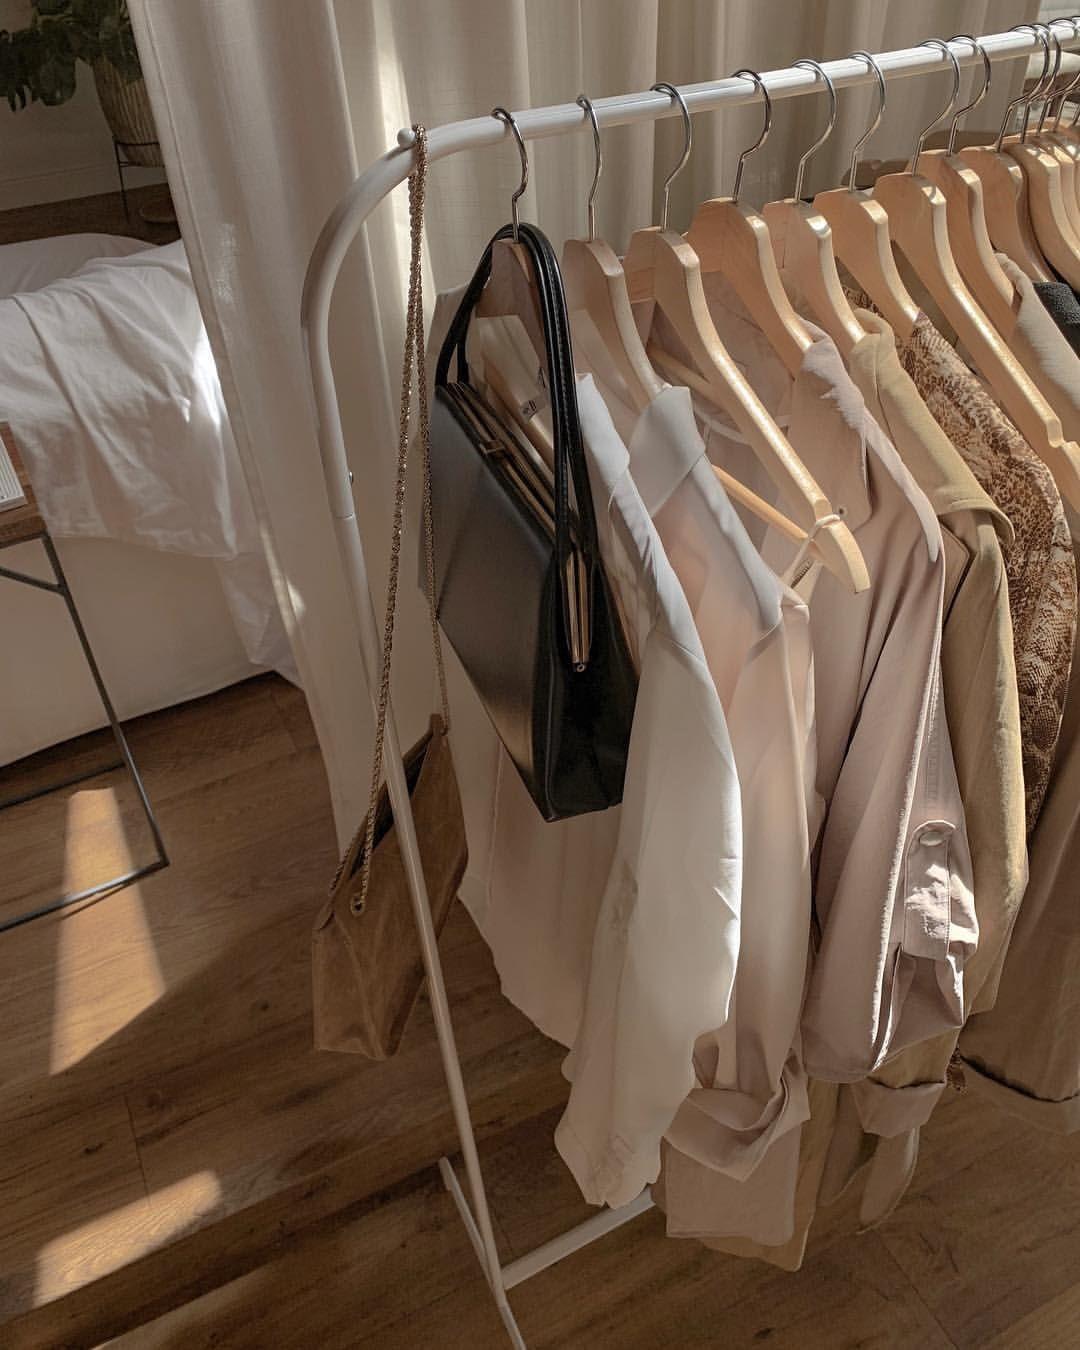 С глаз долой: 5 причин выбросить одежду, освободив место для новой